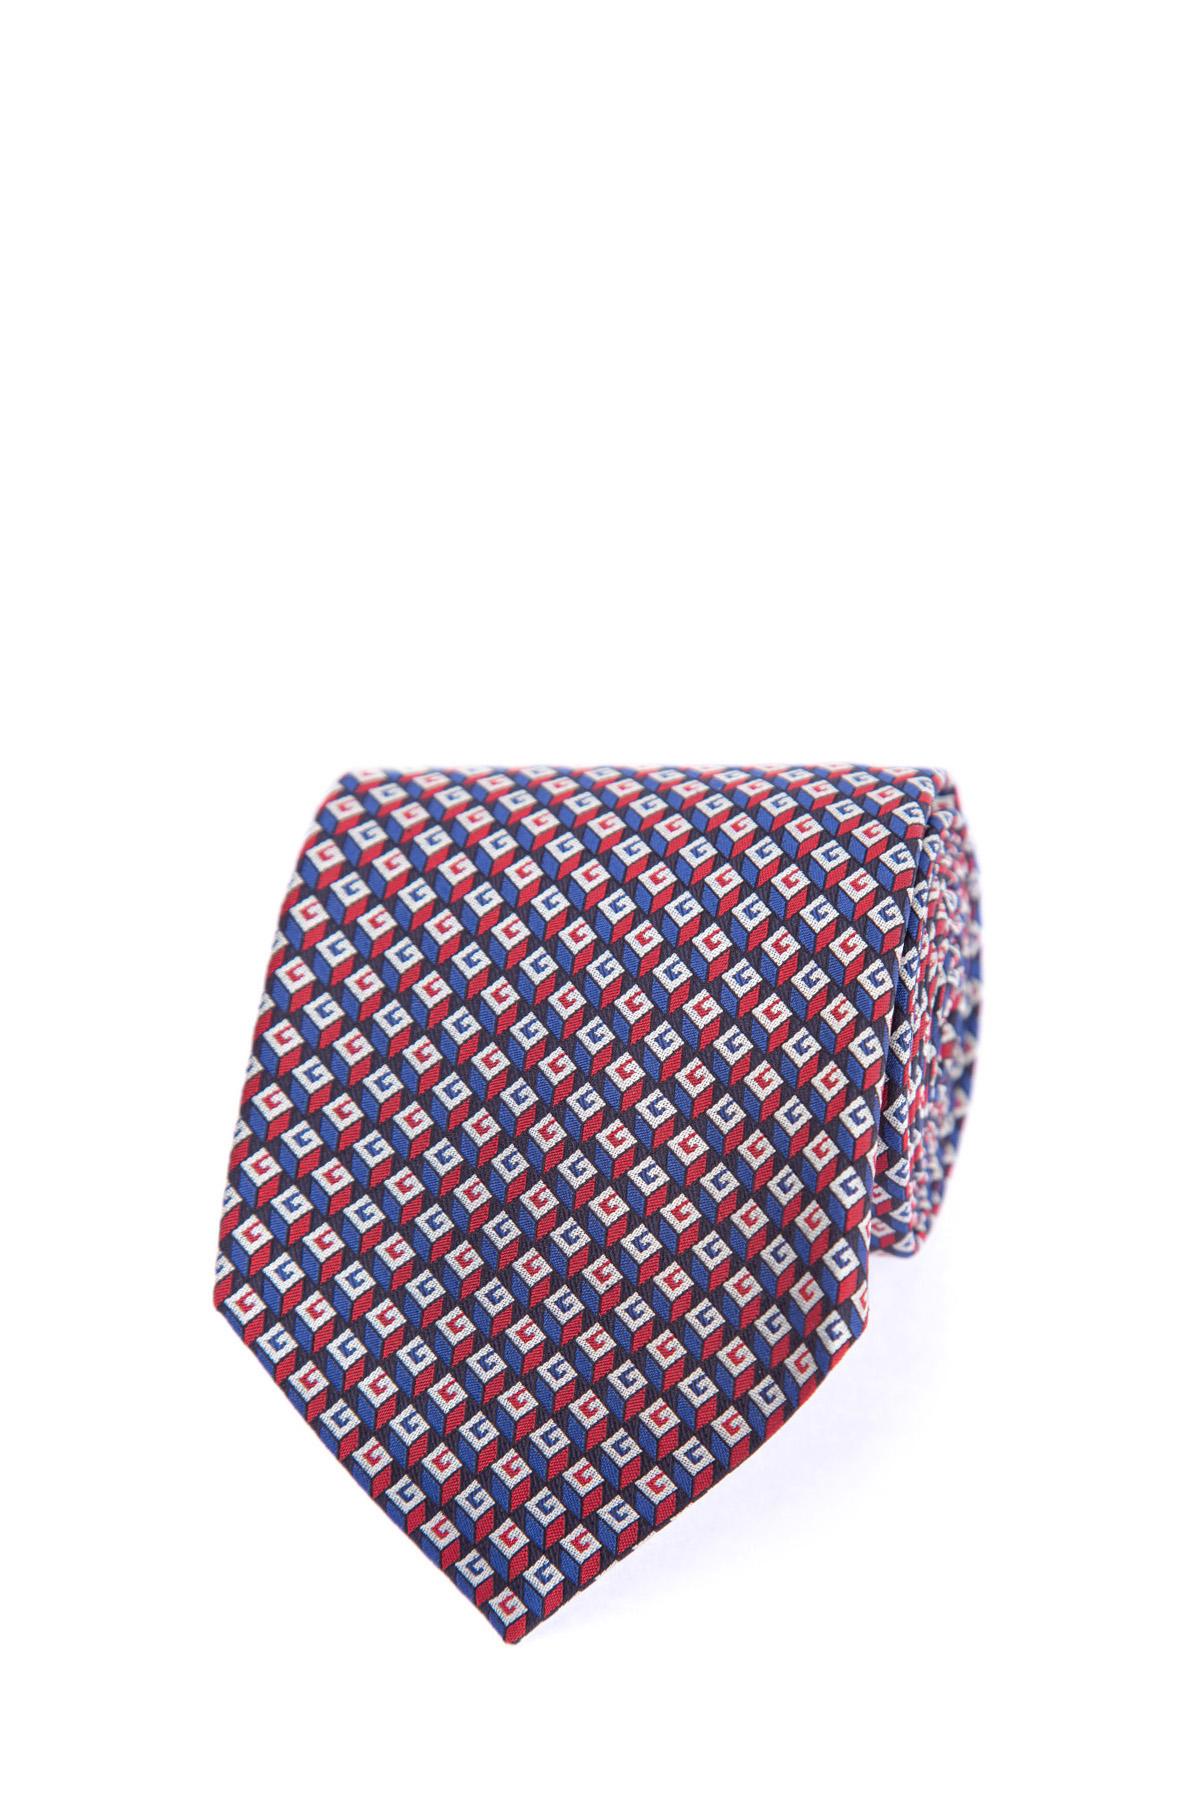 Купить Галстук из жаккардового шелка с повторяющимся геометрическим 3D узором, вдохновленным красочными принтами 70-х годов, GUCCI, Италия, шелк 100%